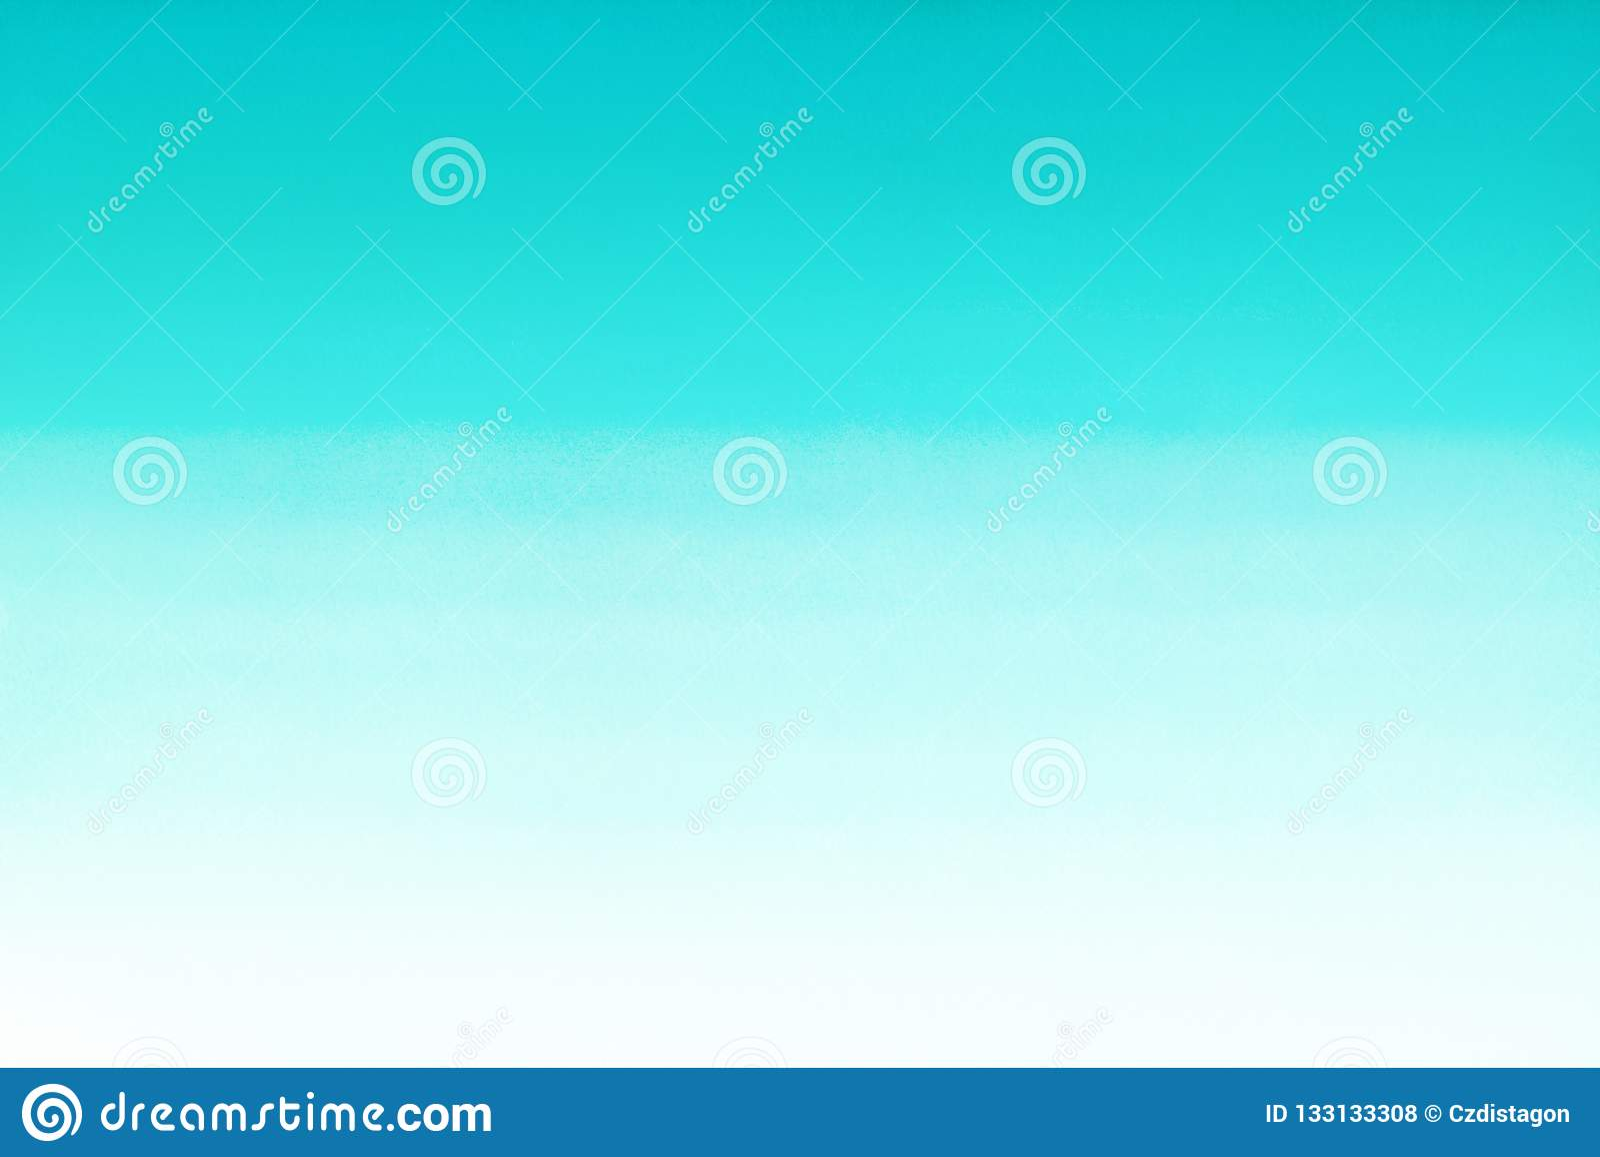 Mare dell oceano o fondo di pendenza dell estratto dell acquerello del turchese di azzurro degli azzurri Materiale di riempimento